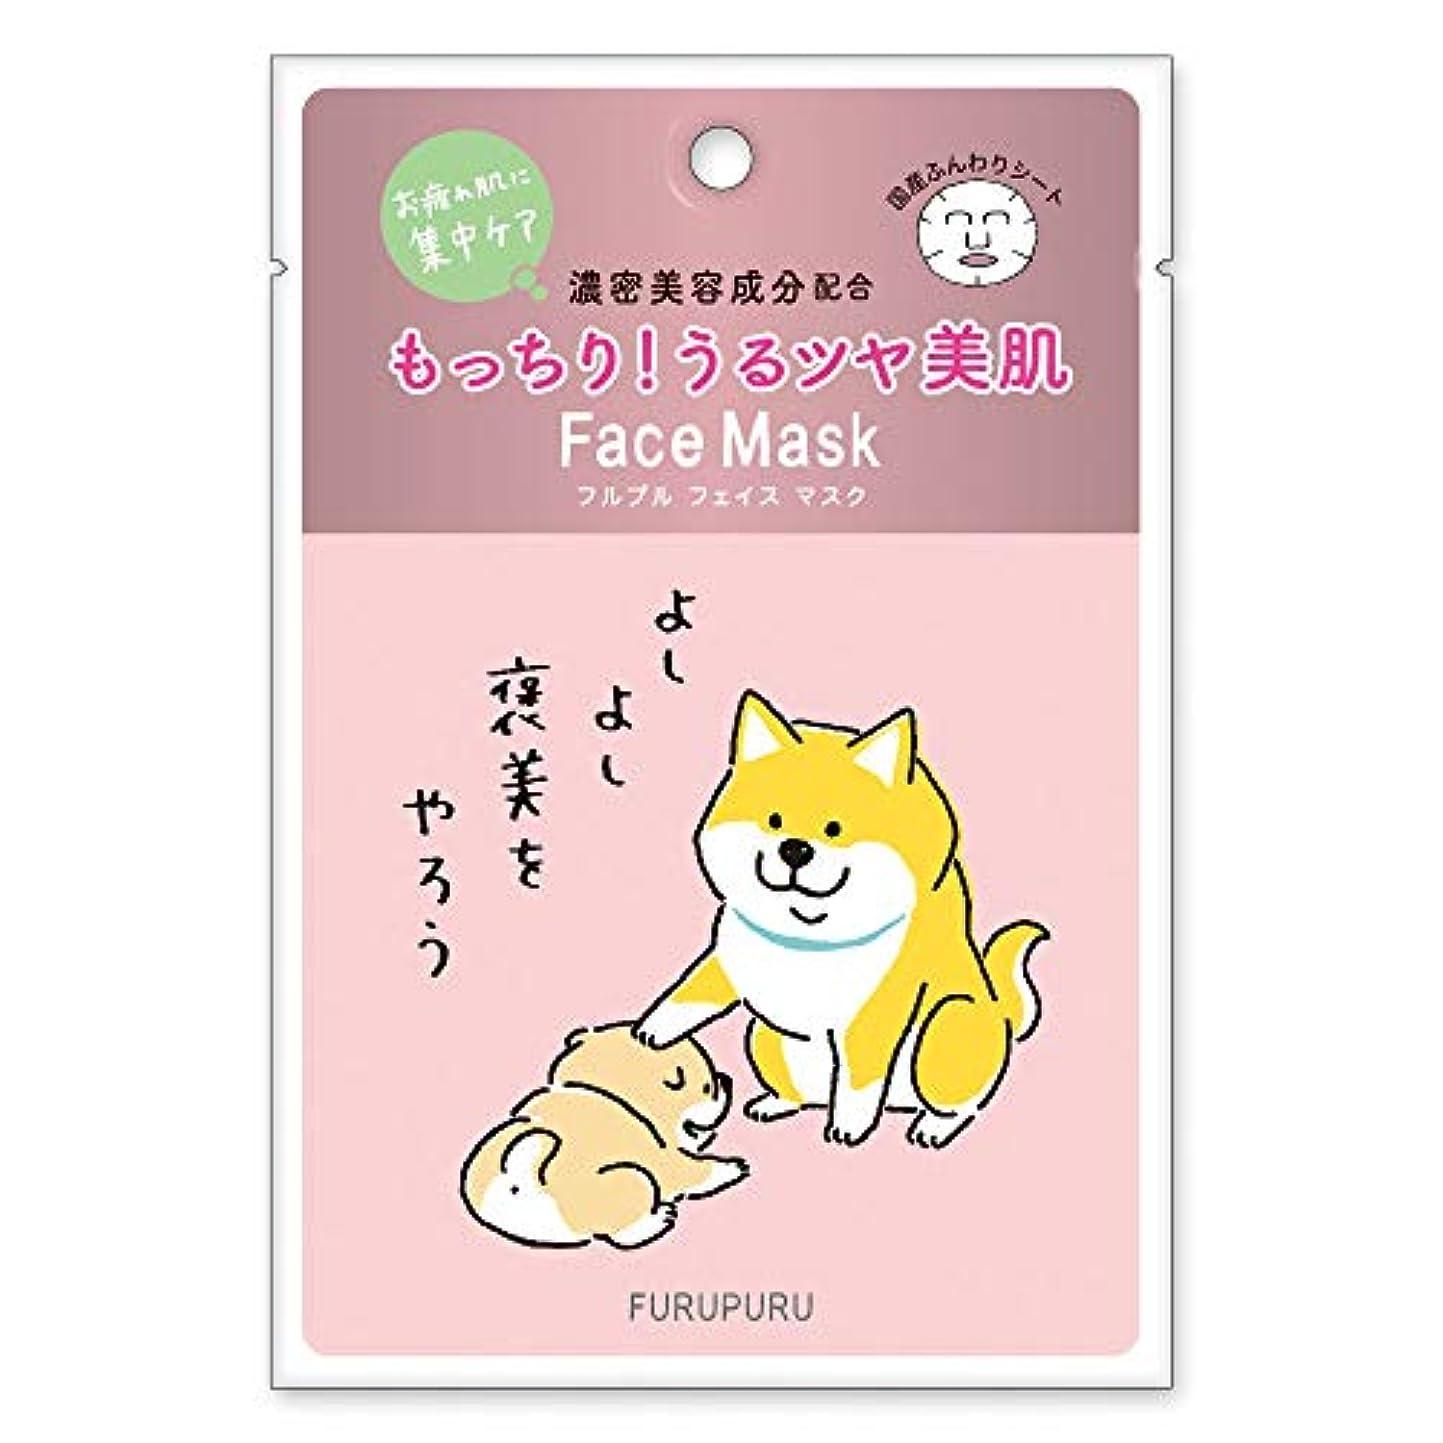 フルプルフェイスマスク しばんばん 褒美をやろう やさしく香る天然ローズの香り 30g